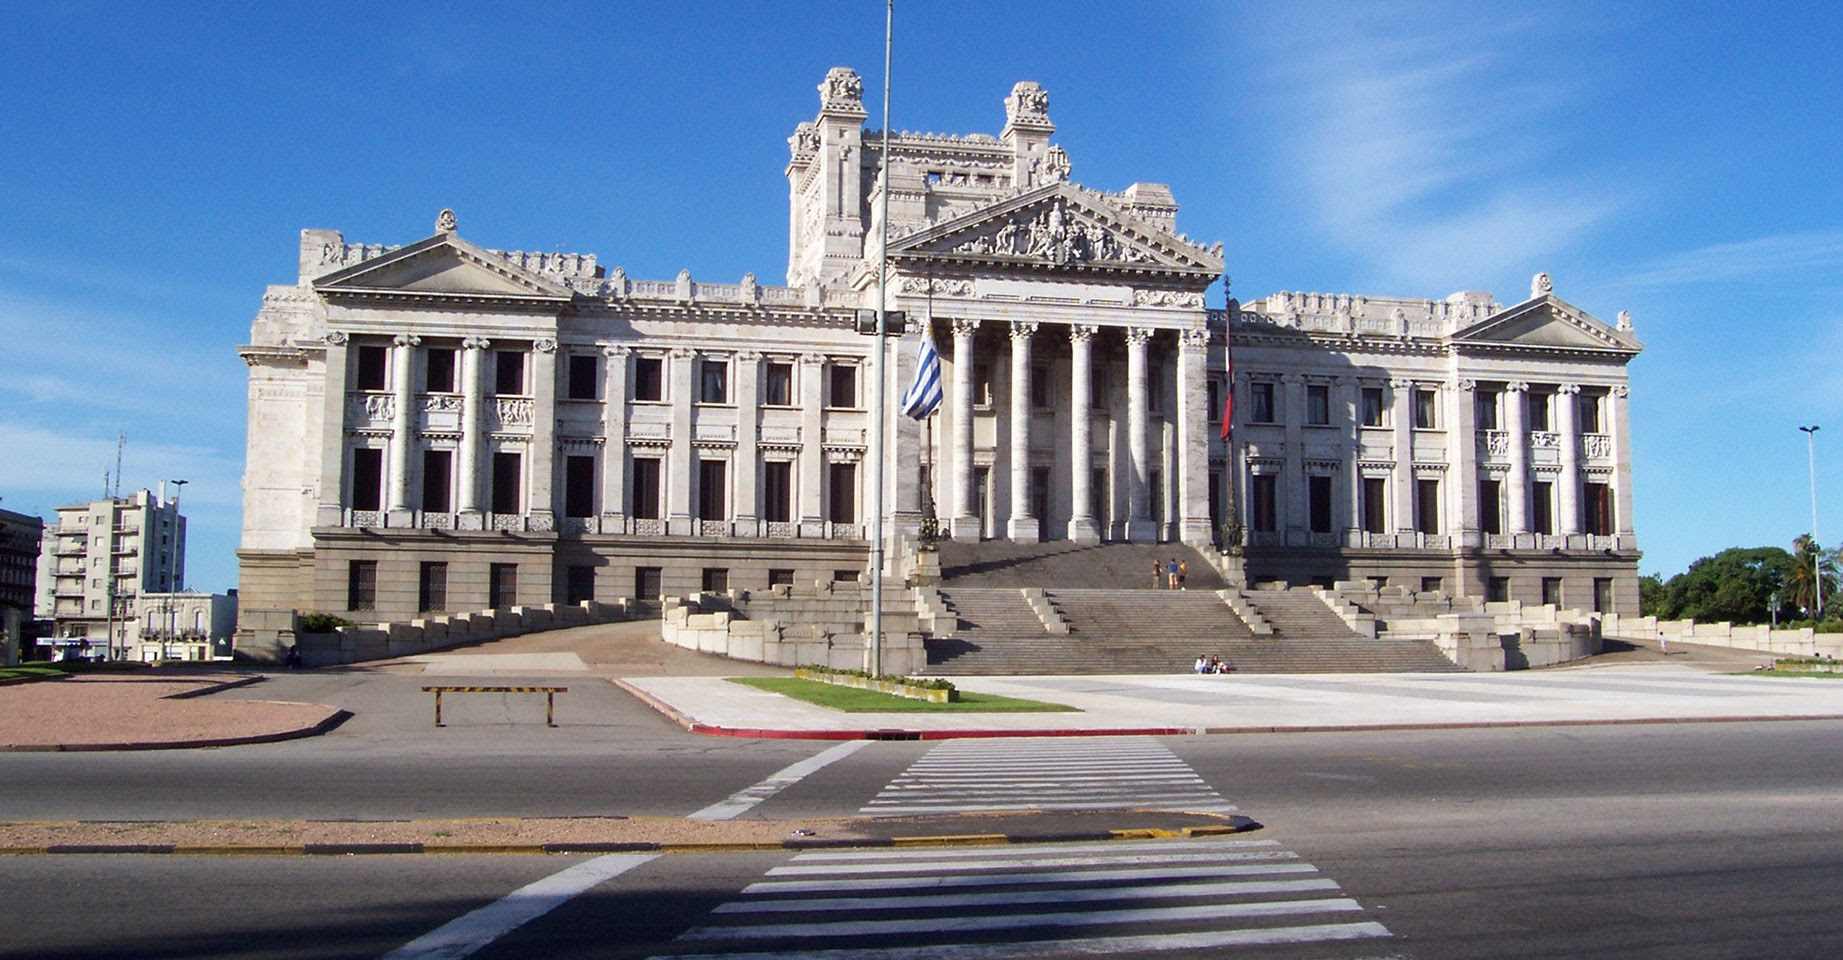 MONTEVIDÉU: Entre as cidades da América Latina hispânica, a capital do Uruguai é uma das preferências dos brasileiros (foto: Voopter/Divulgação)